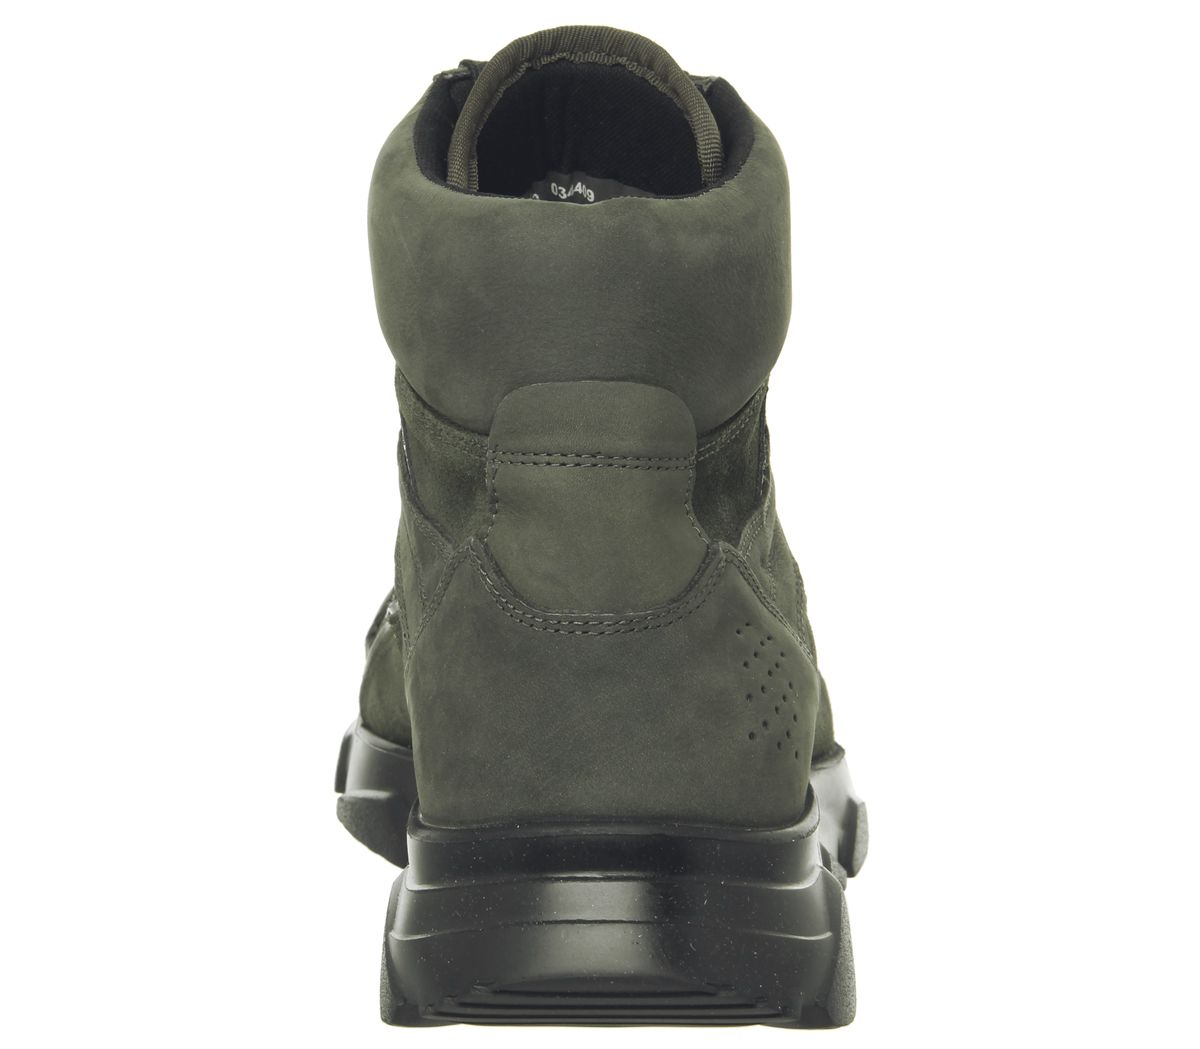 Hommes-Ask-The-Missus-Lignee-Baskets-Hi-Kaki-Daim-Decontracte-Chaussures miniature 8